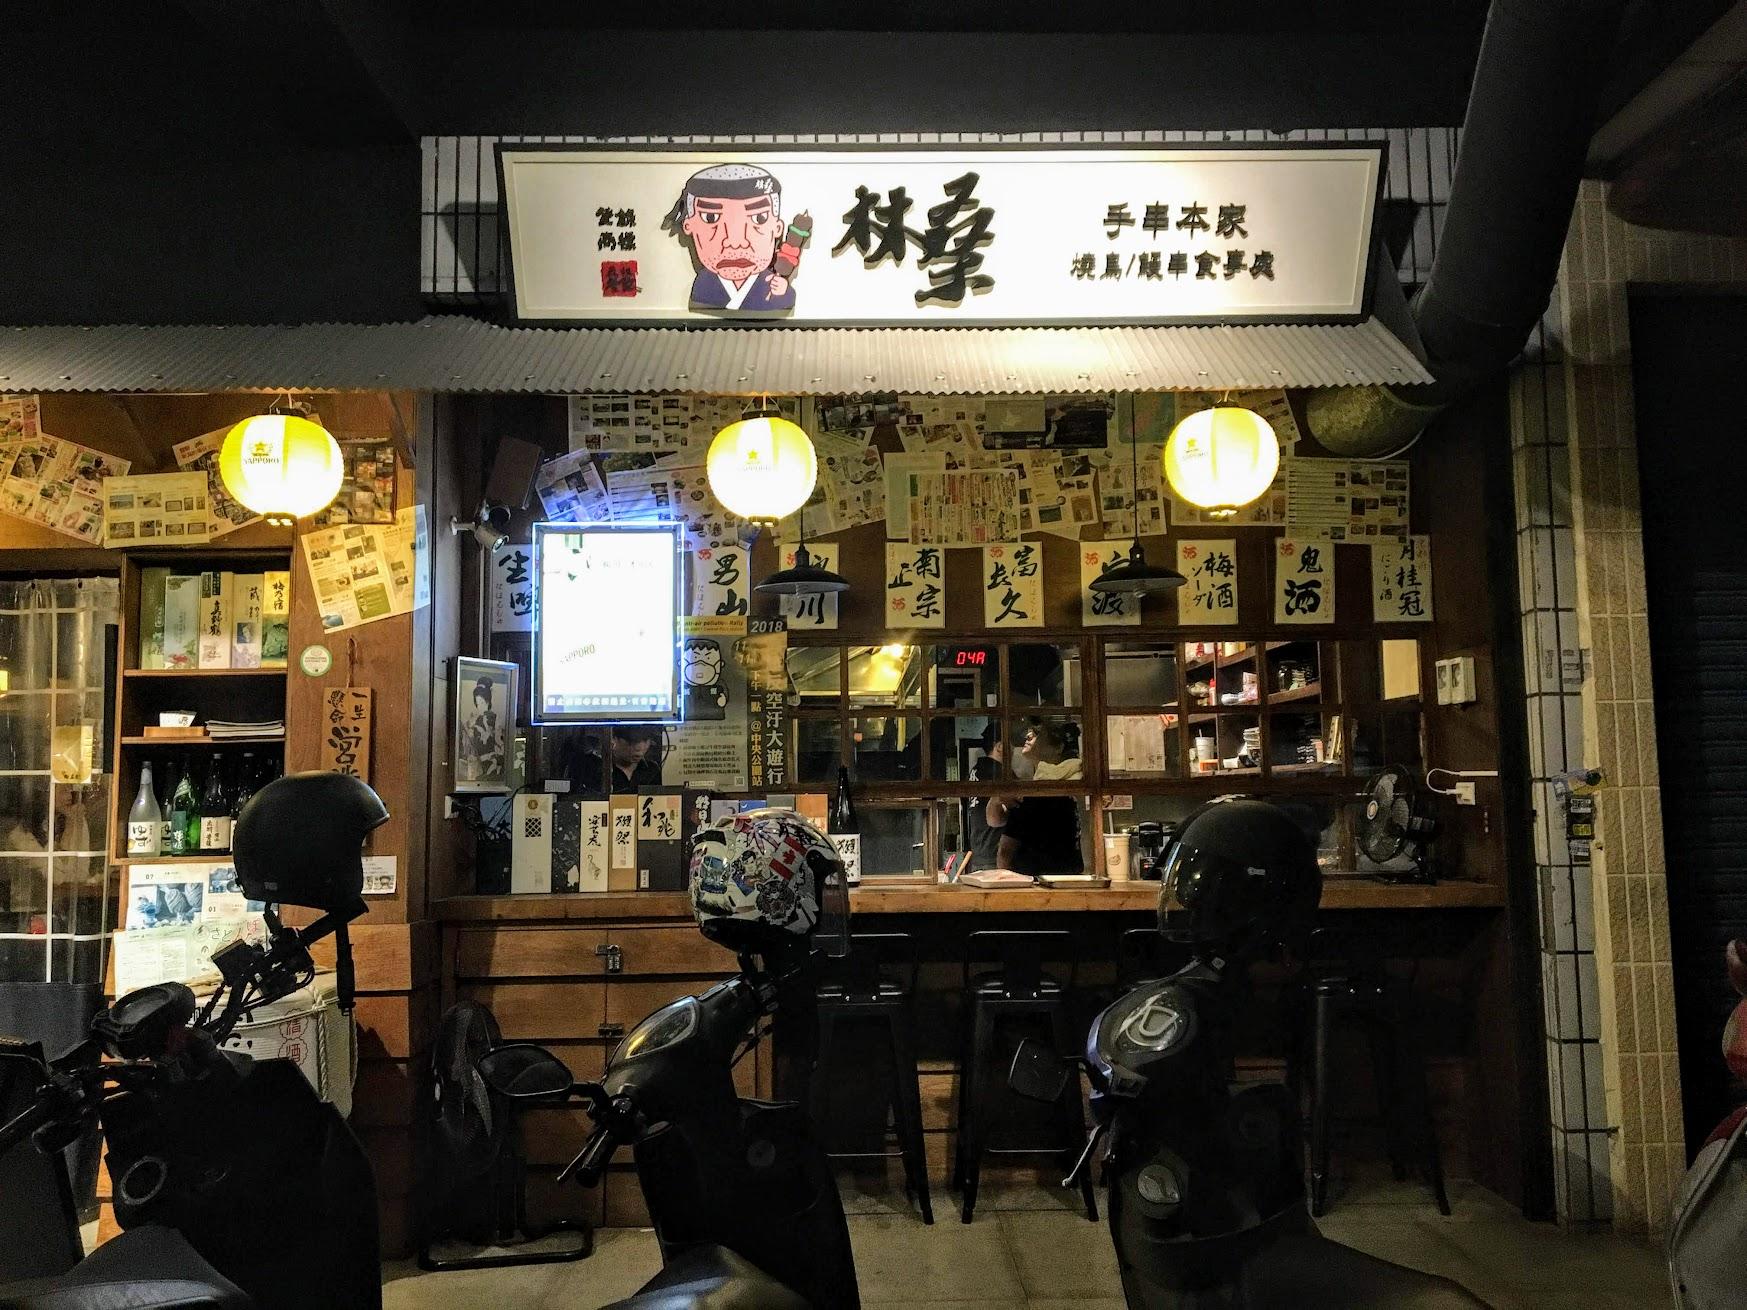 林桑手串本家,乍看之下䅰有日式居酒屋風格XD